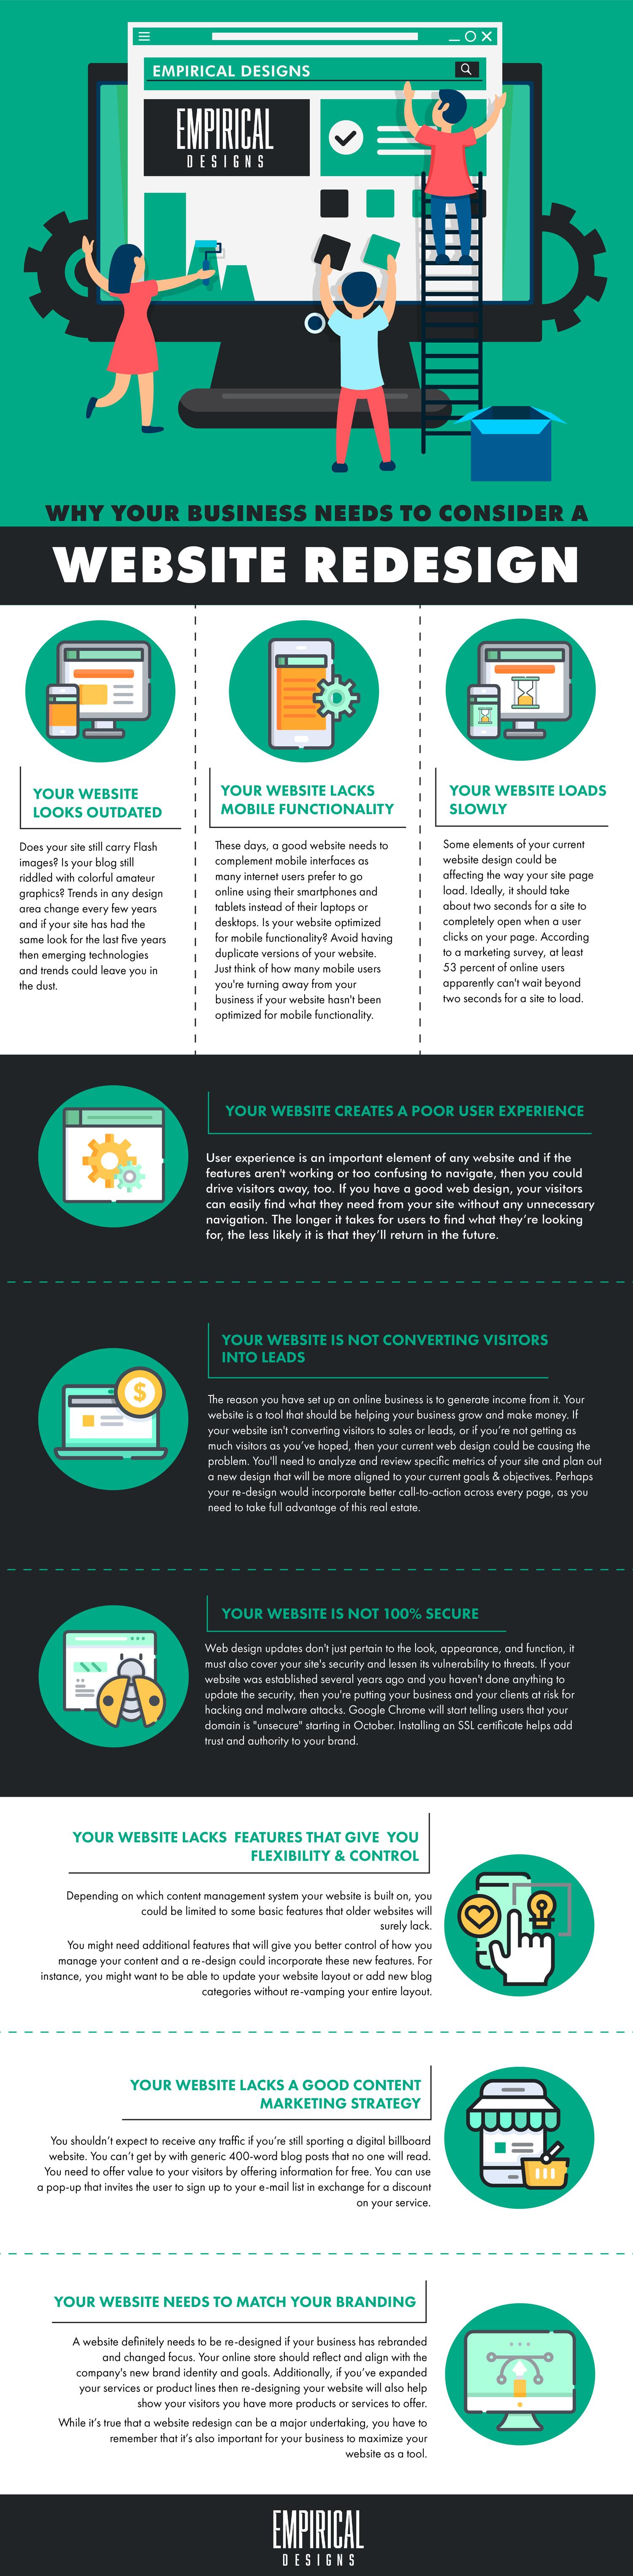 website-design-infographic-empirical-design